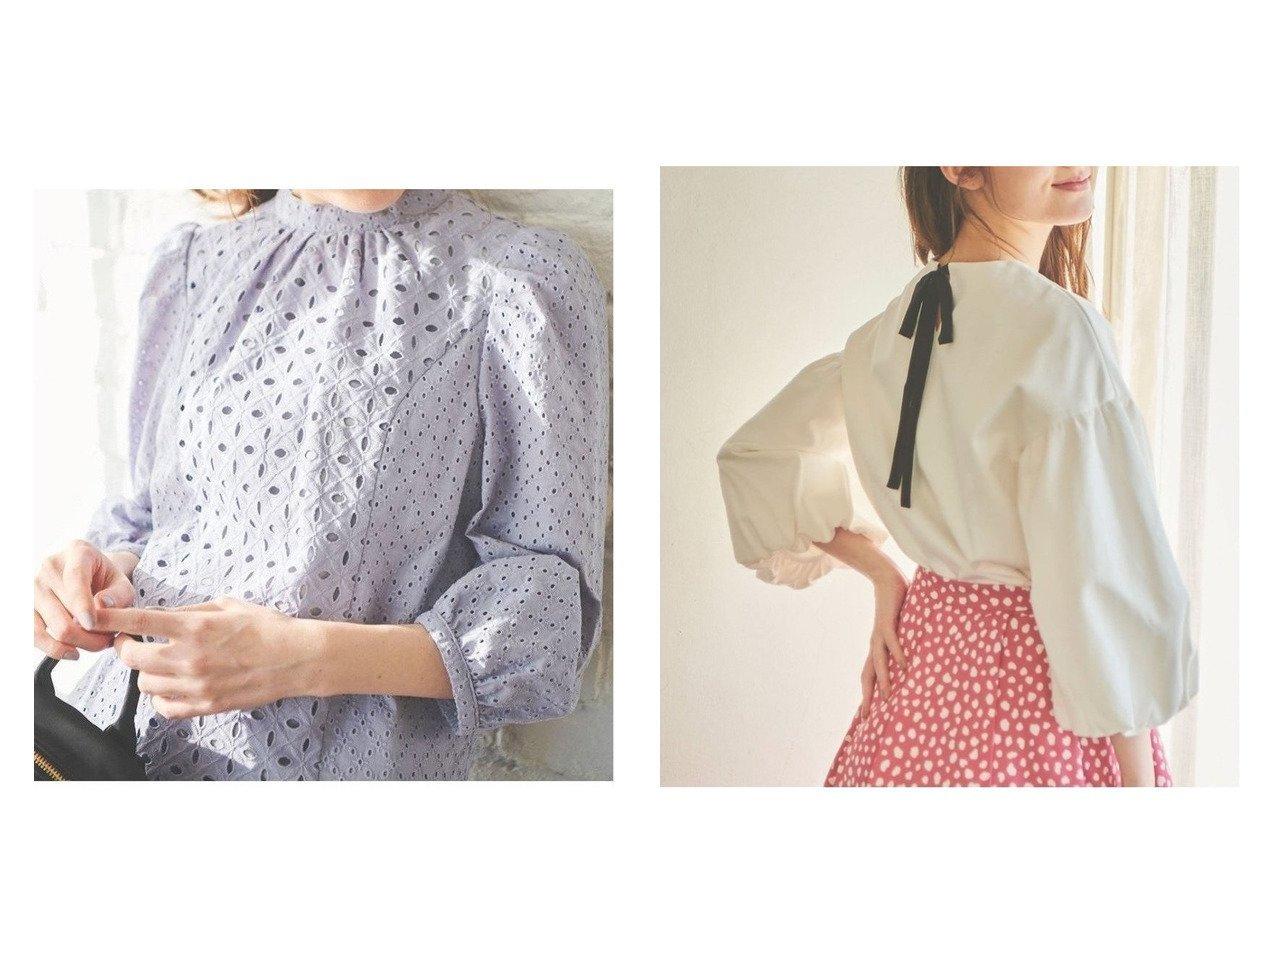 【31 Sons de mode/トランテアン ソン ドゥ モード】のコットン刺繍バックリボンブラウス&ポンチボリュームスリーブバックリボンカットソー トップス・カットソーのおすすめ!人気、トレンド・レディースファッションの通販 おすすめで人気の流行・トレンド、ファッションの通販商品 メンズファッション・キッズファッション・インテリア・家具・レディースファッション・服の通販 founy(ファニー) https://founy.com/ ファッション Fashion レディースファッション WOMEN トップス Tops Tshirt カットソー Cut and Sewn ボリュームスリーブ / フリル袖 Volume Sleeve シャツ/ブラウス Shirts Blouses NEW・新作・新着・新入荷 New Arrivals 2021年 2021 2021 春夏 S/S SS Spring/Summer 2021 S/S 春夏 SS Spring/Summer カットソー シンプル デニム フロント リボン スタンド スリーブ レース 春 Spring 長袖 |ID:crp329100000015494